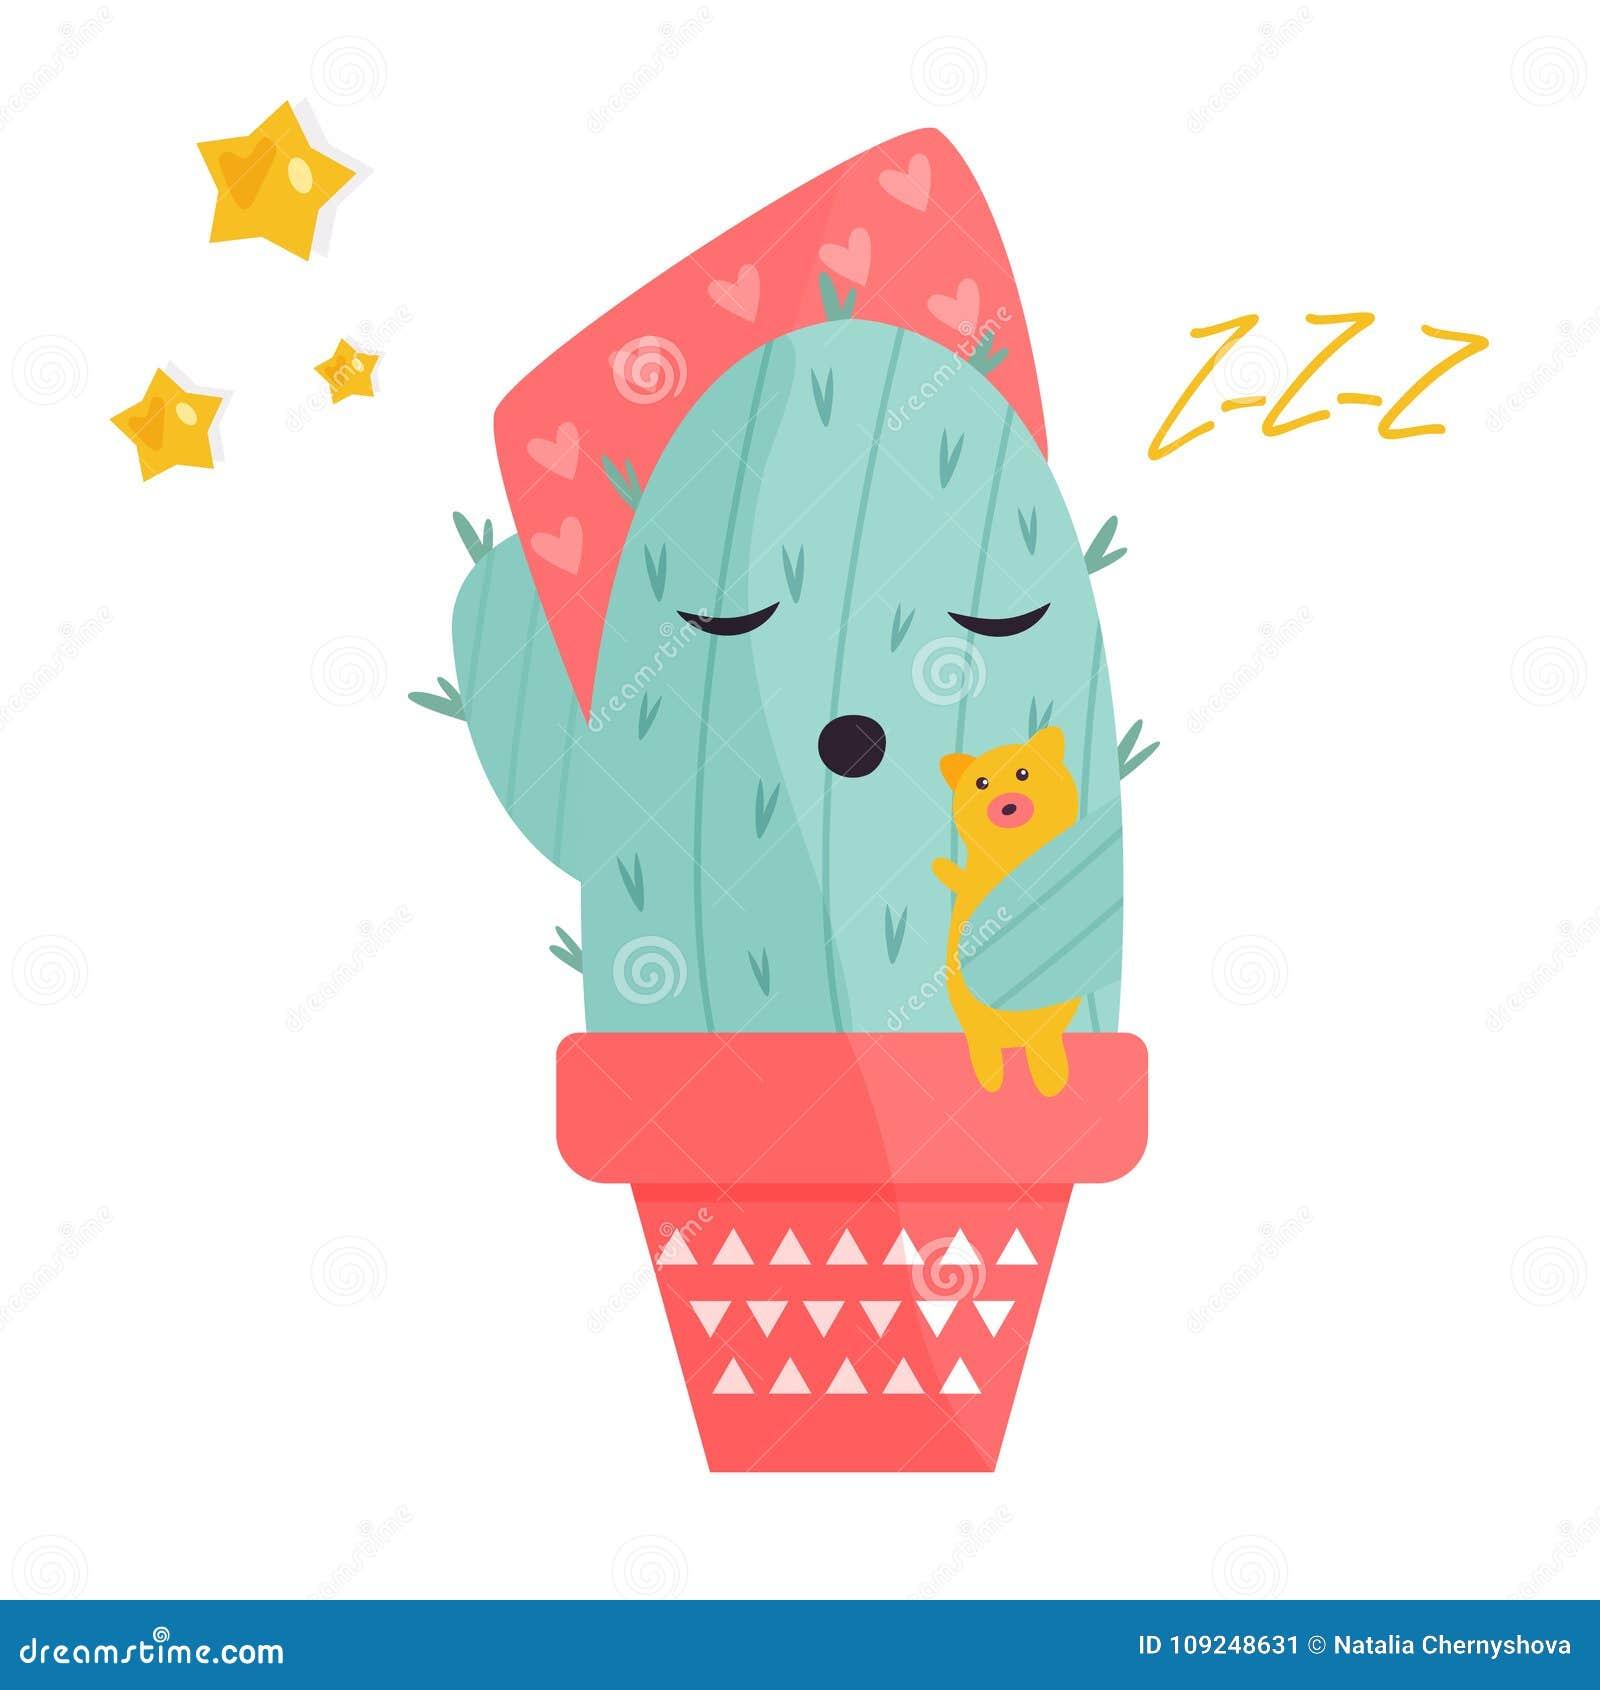 Διανυσματική απεικόνιση του χαριτωμένου κάκτου ύπνου